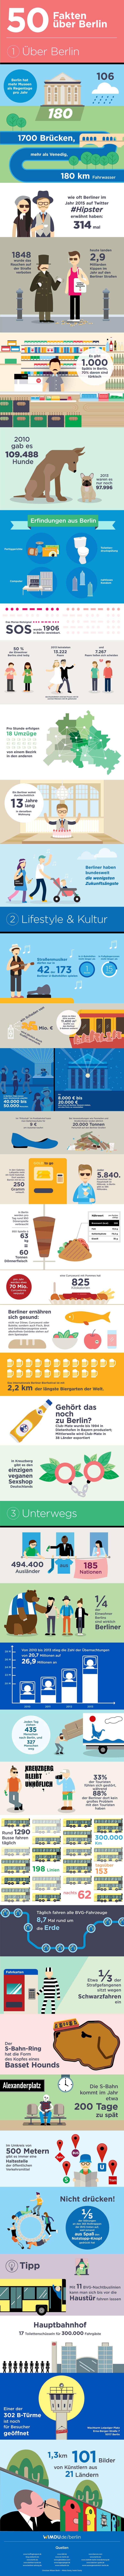 Fakten-ueber-Berlin